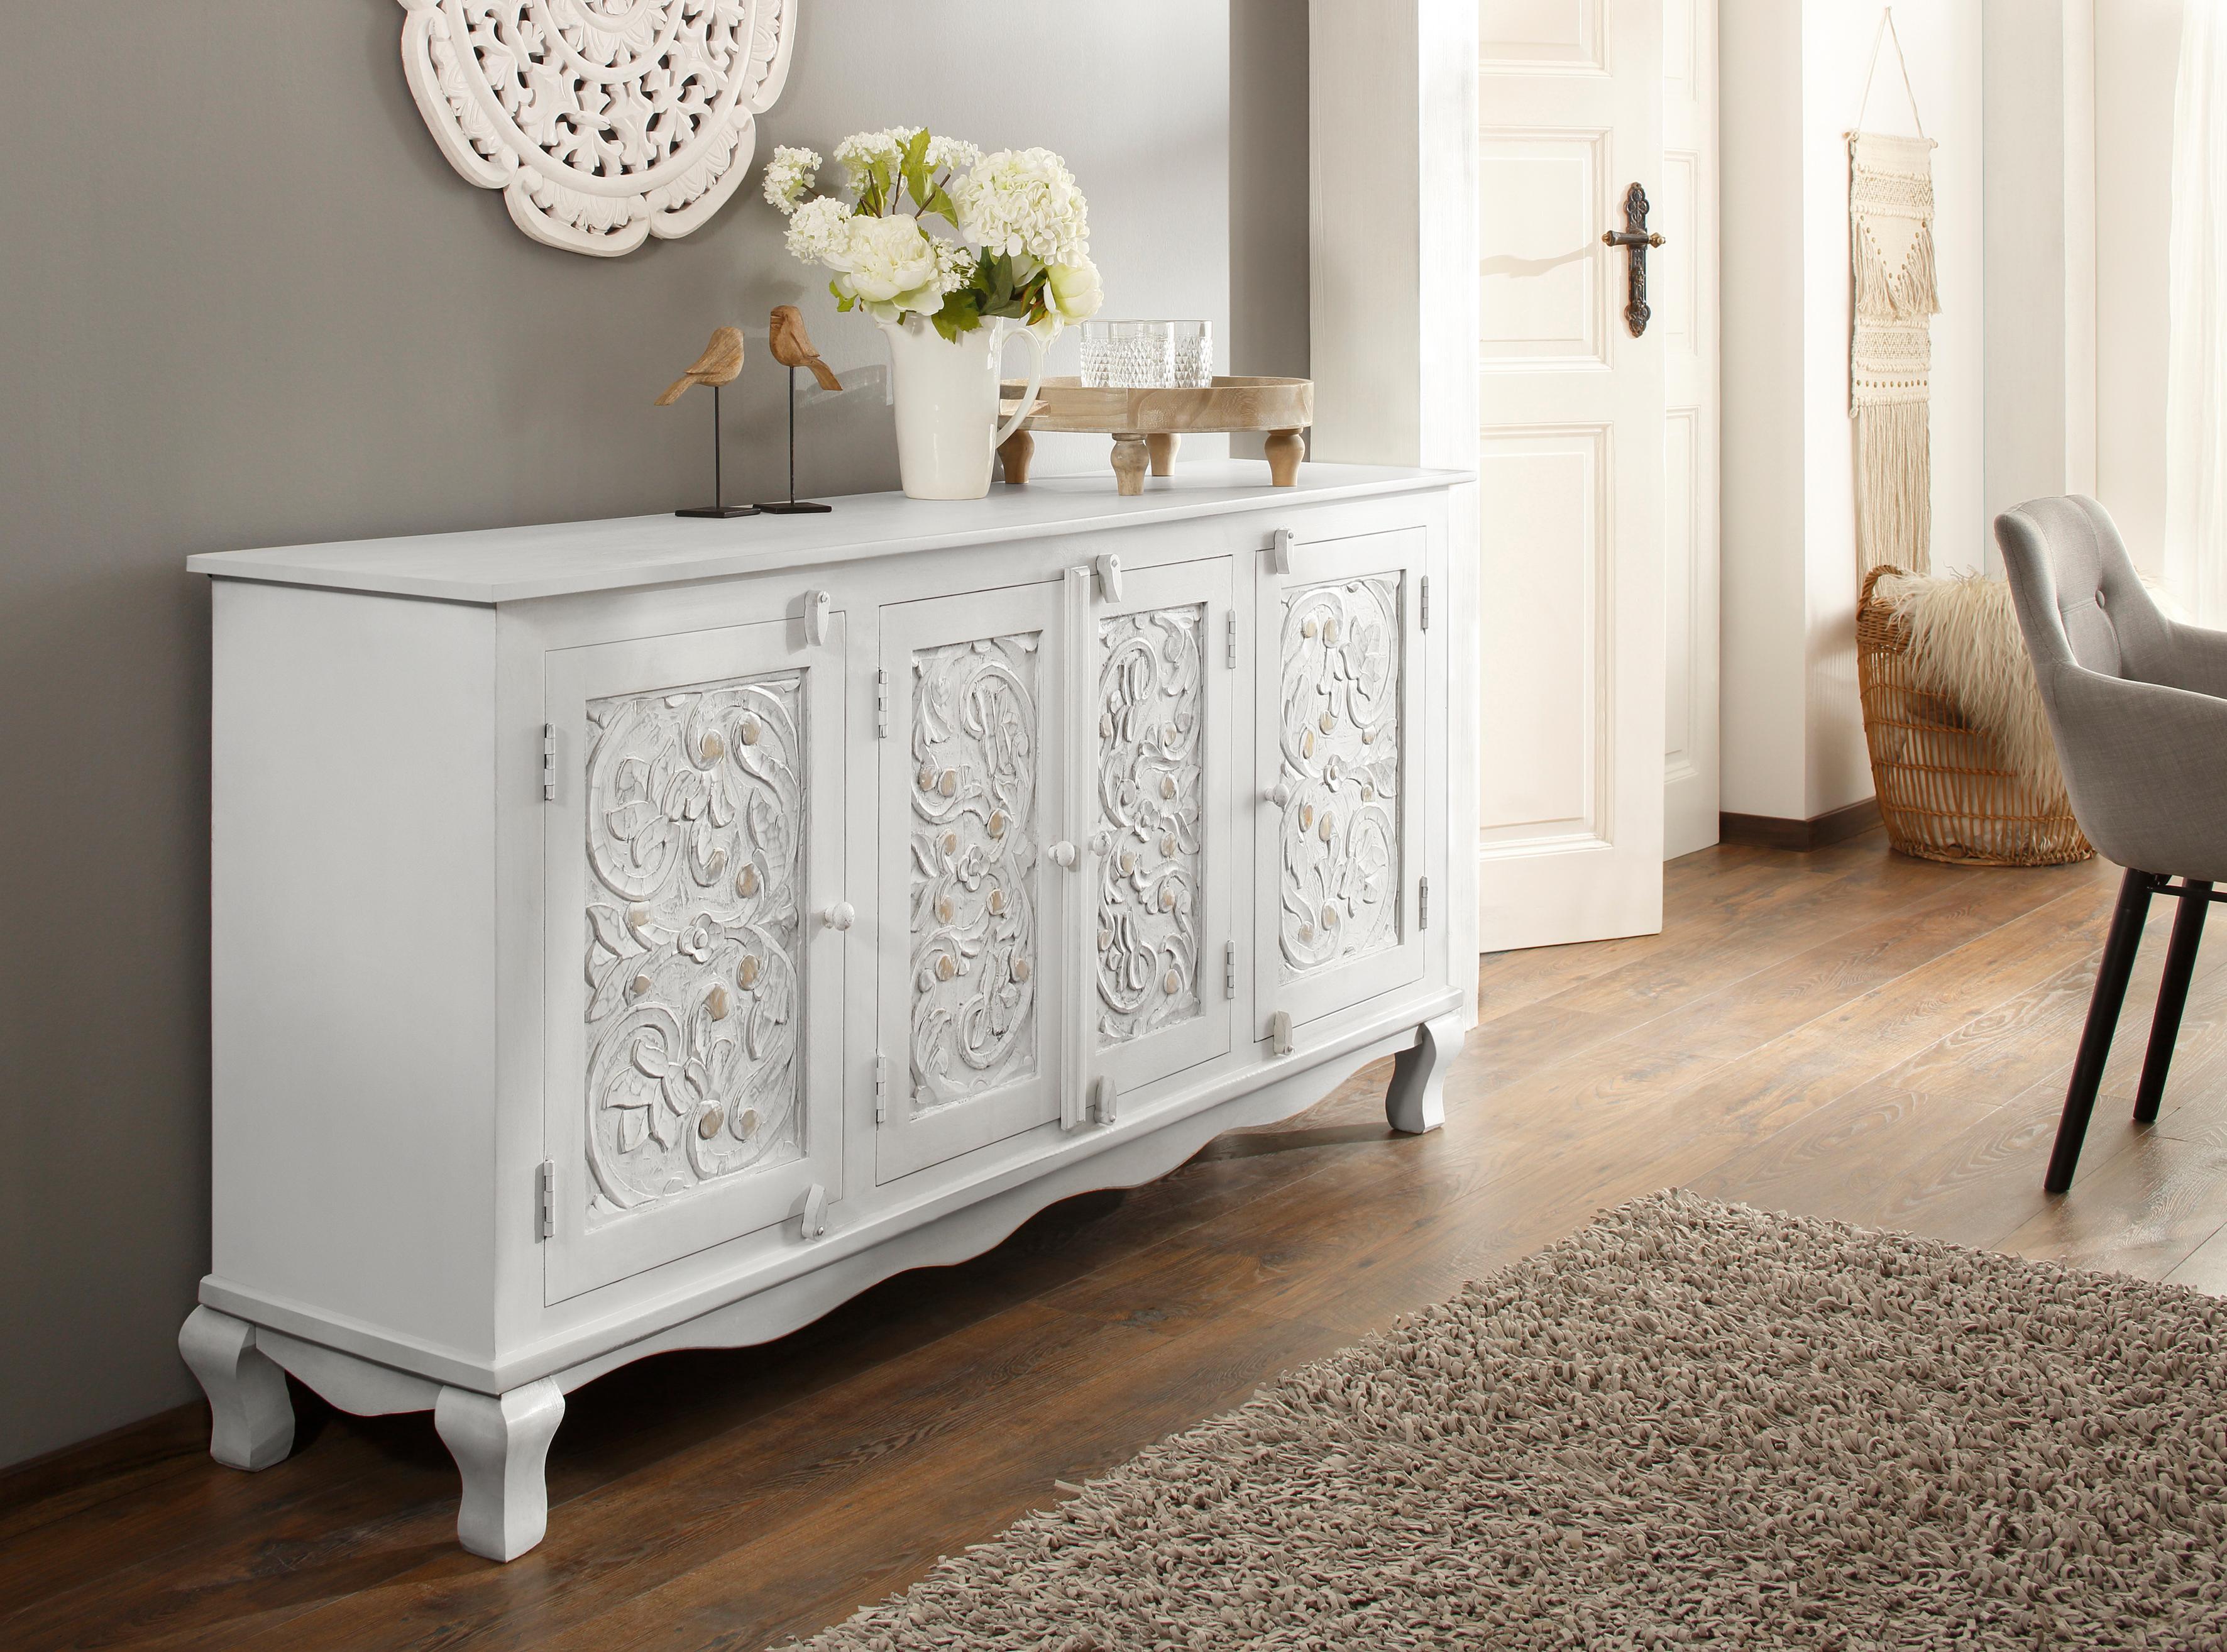 Home affaire Sideboard Rajat aus schönem massivem Mangoholz und beeindruckenden Frontenfräsungen Breite 175 cm